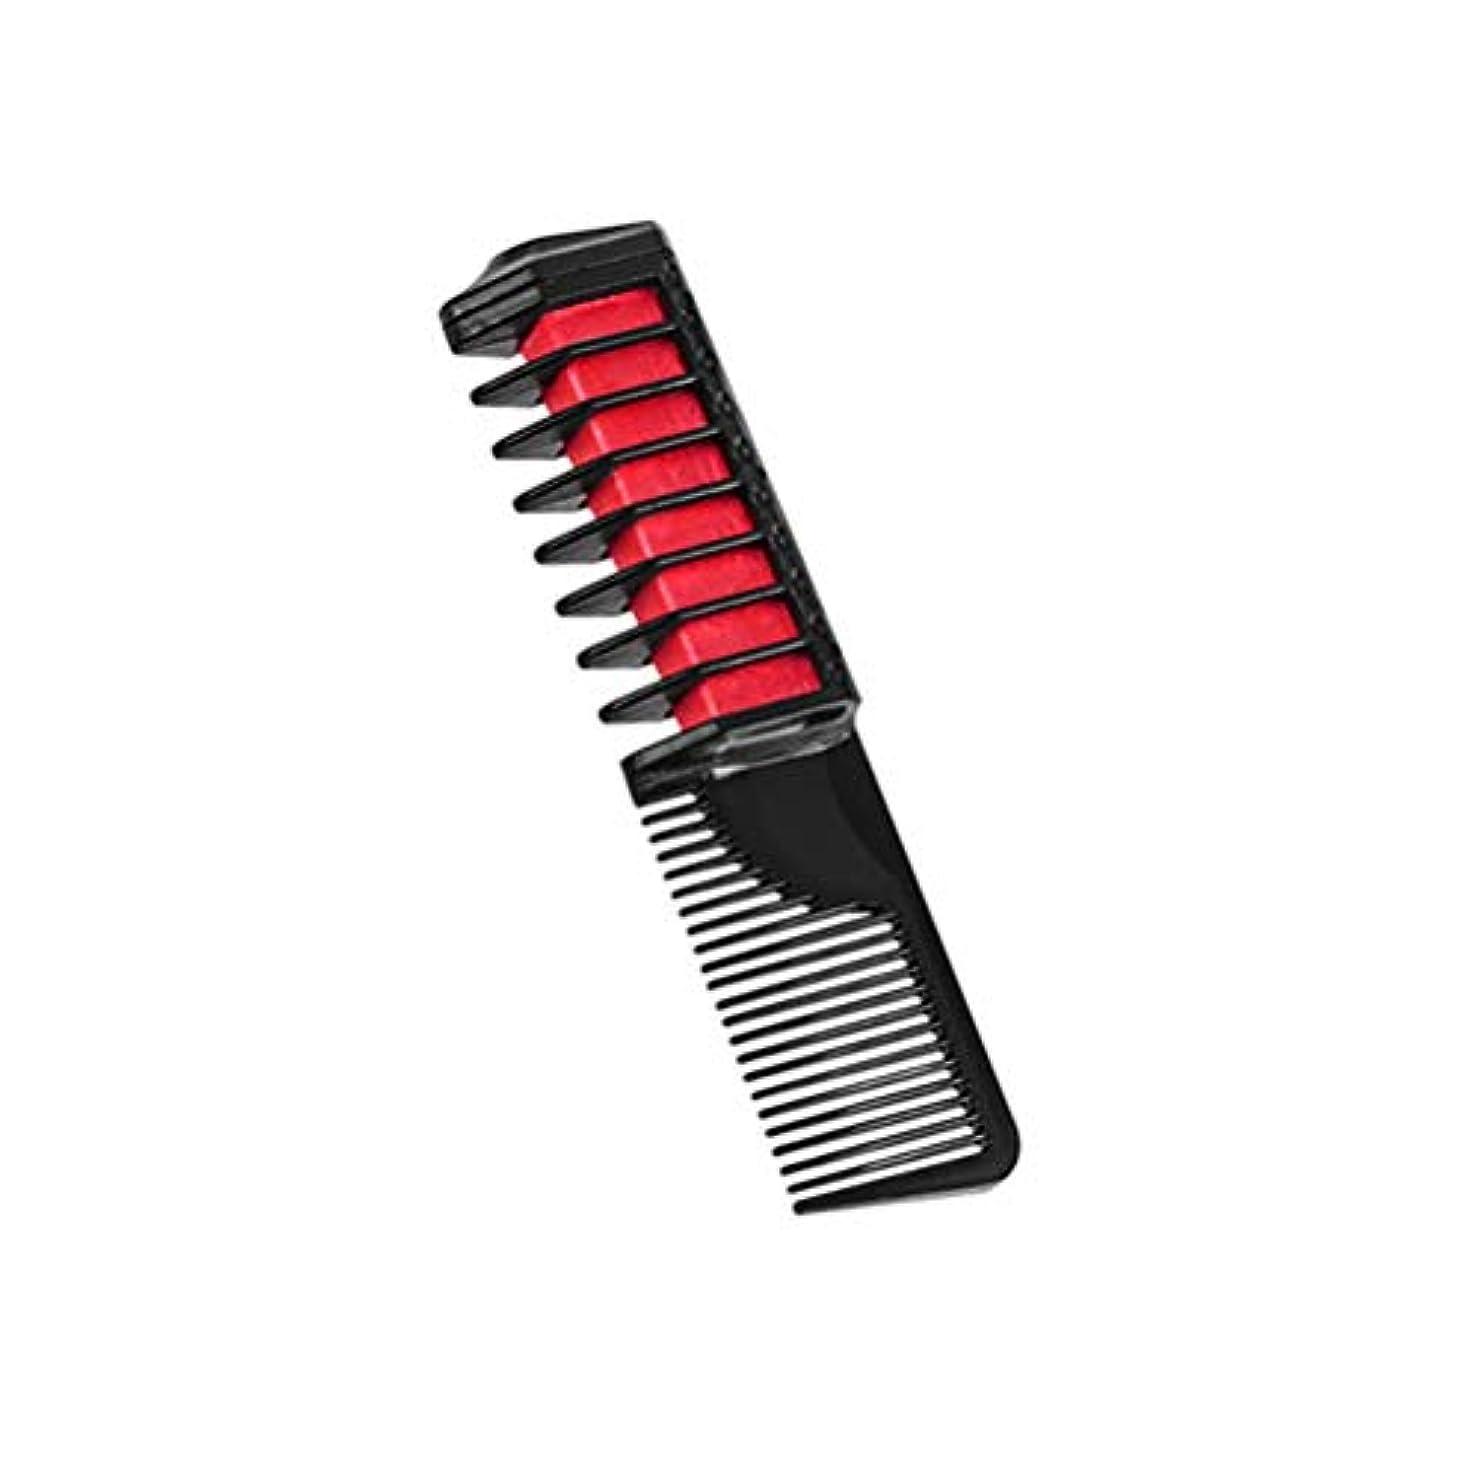 動物園恐れる好意Creacom ヘアダイコーム 快速安全 高品質 手早く 使用簡単 ミニ 使い捨て 塗りやすい 染色ツール ヘアカラーチョークヘア 男女兼用 美髪 美容院用 6色